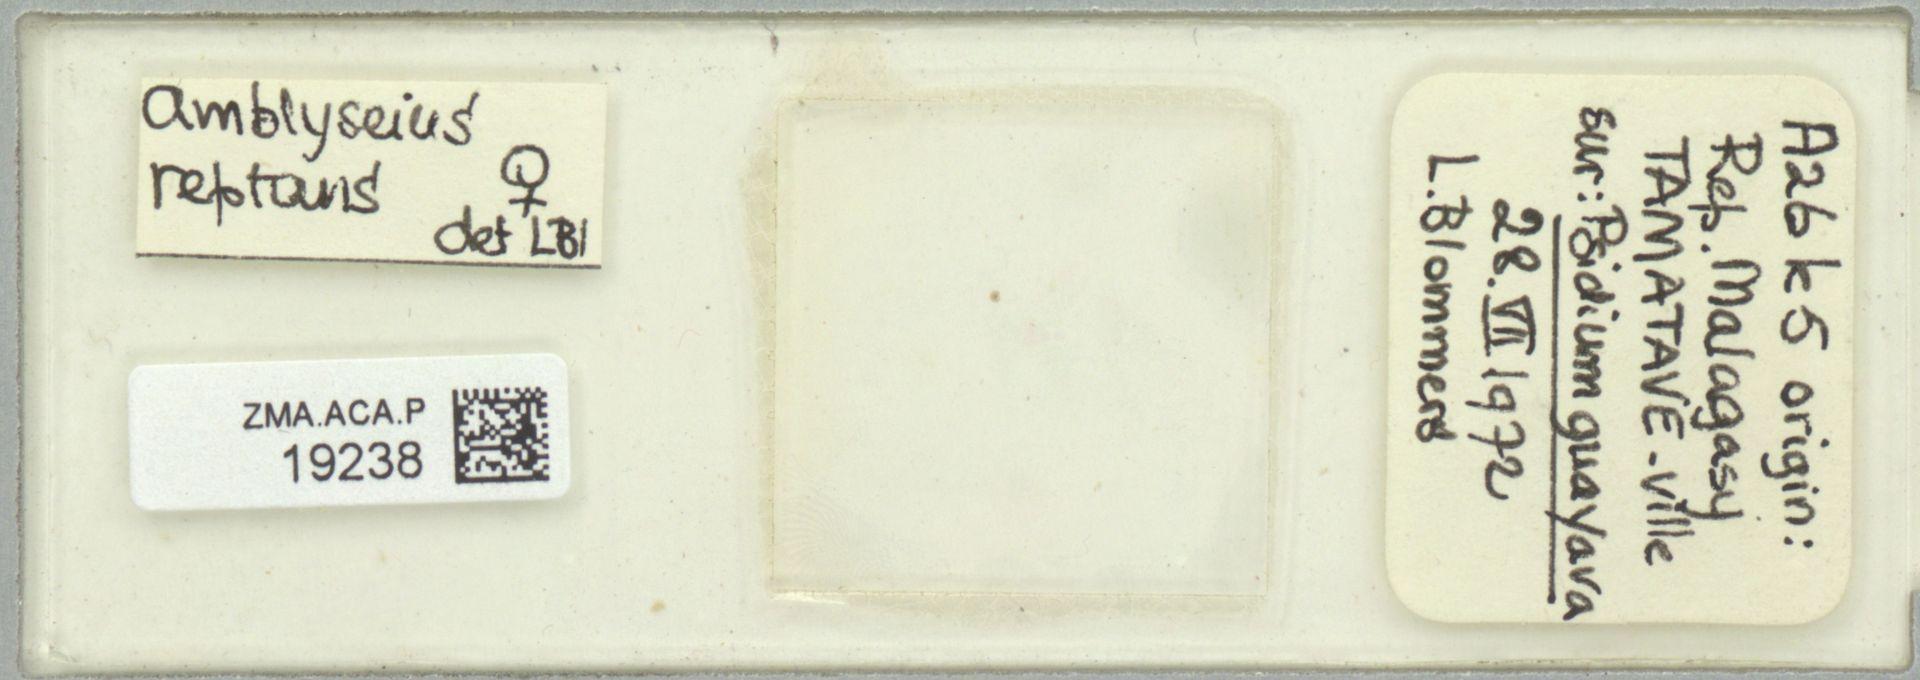 ZMA.ACA.P.19238 | Scapulaseius reptans (Blommers, 1974)